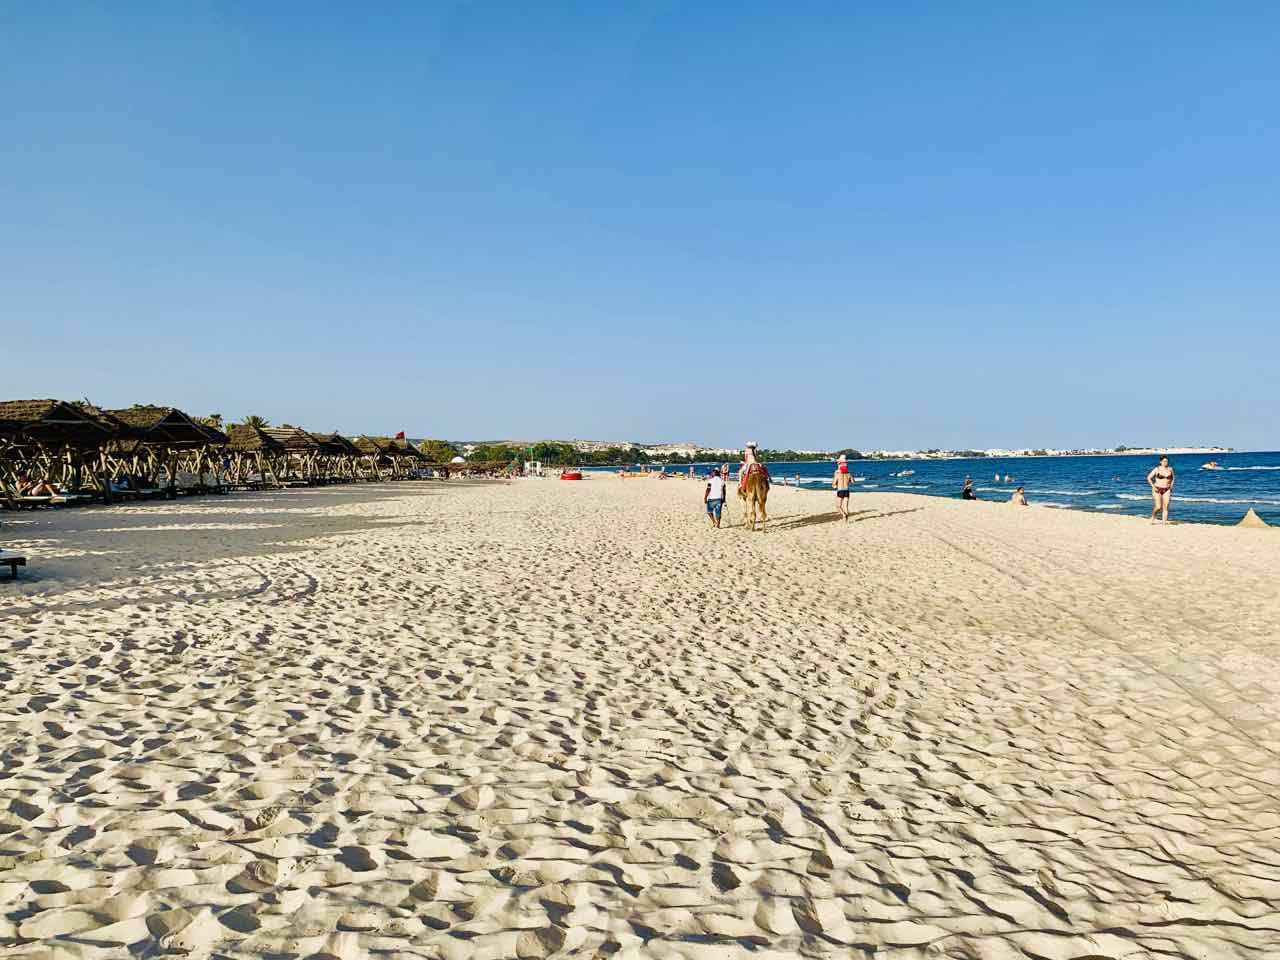 Strand von Hammamet, Tunesien